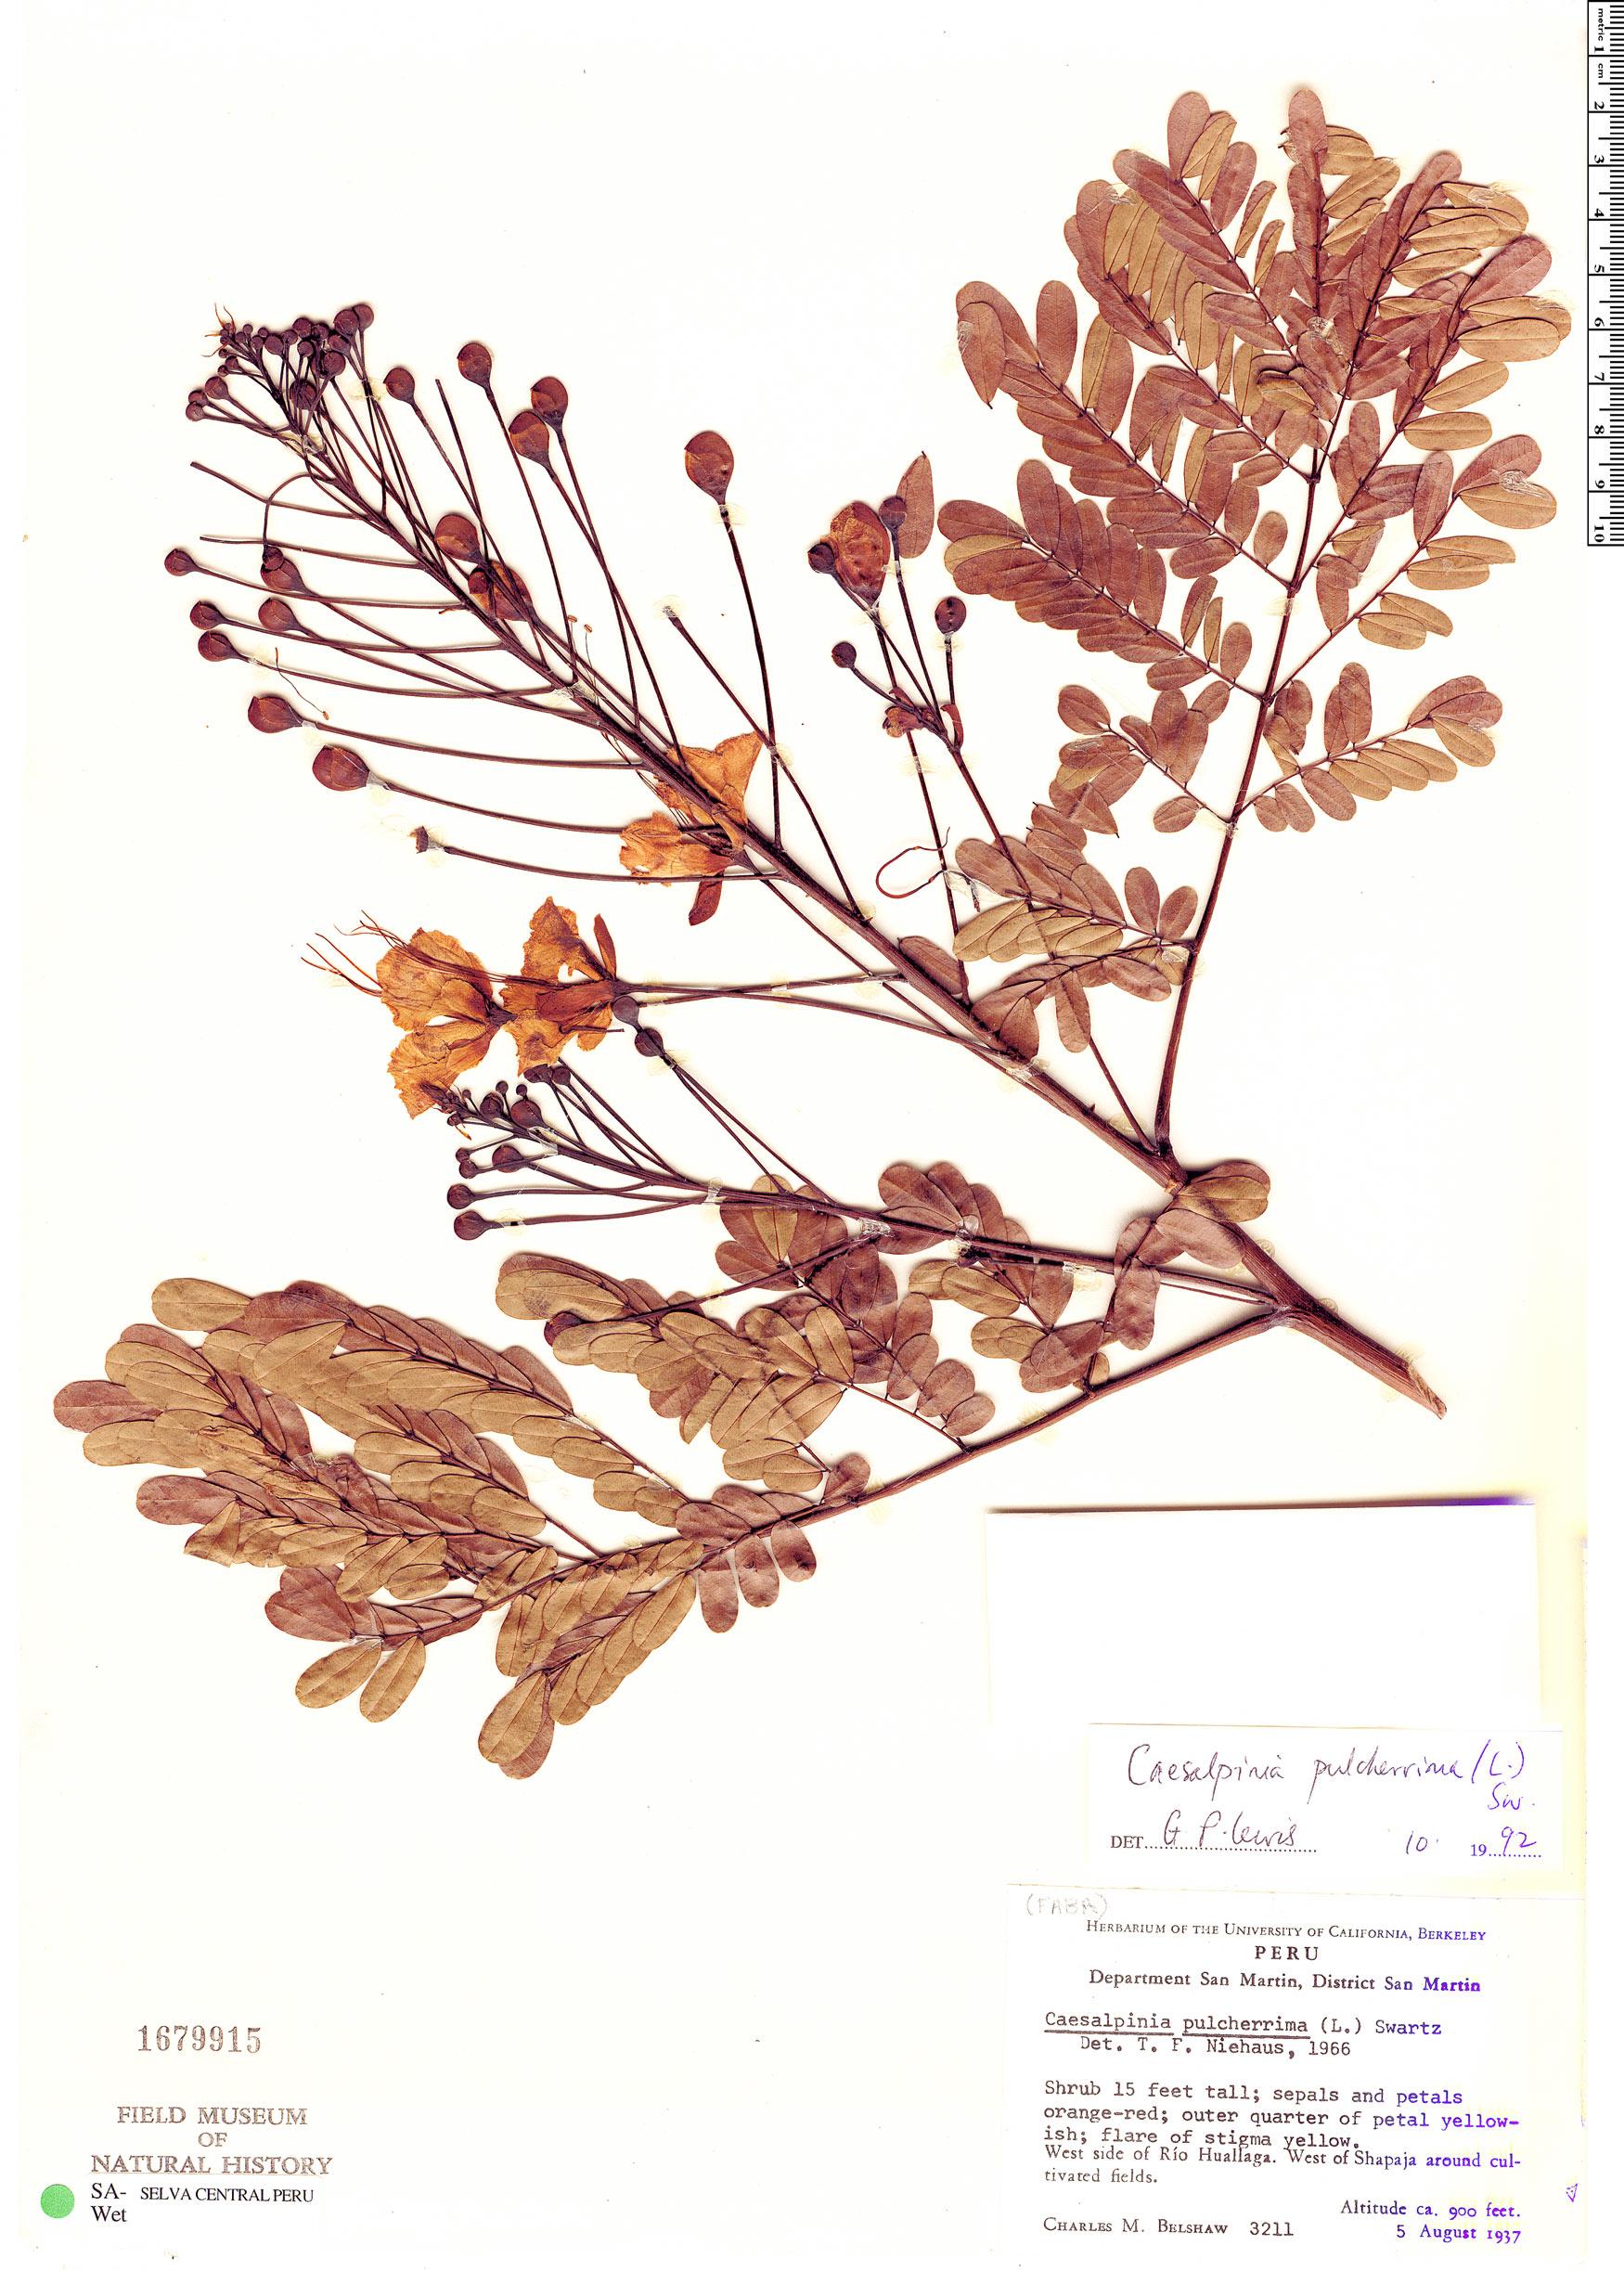 Specimen: Caesalpinia pulcherrima